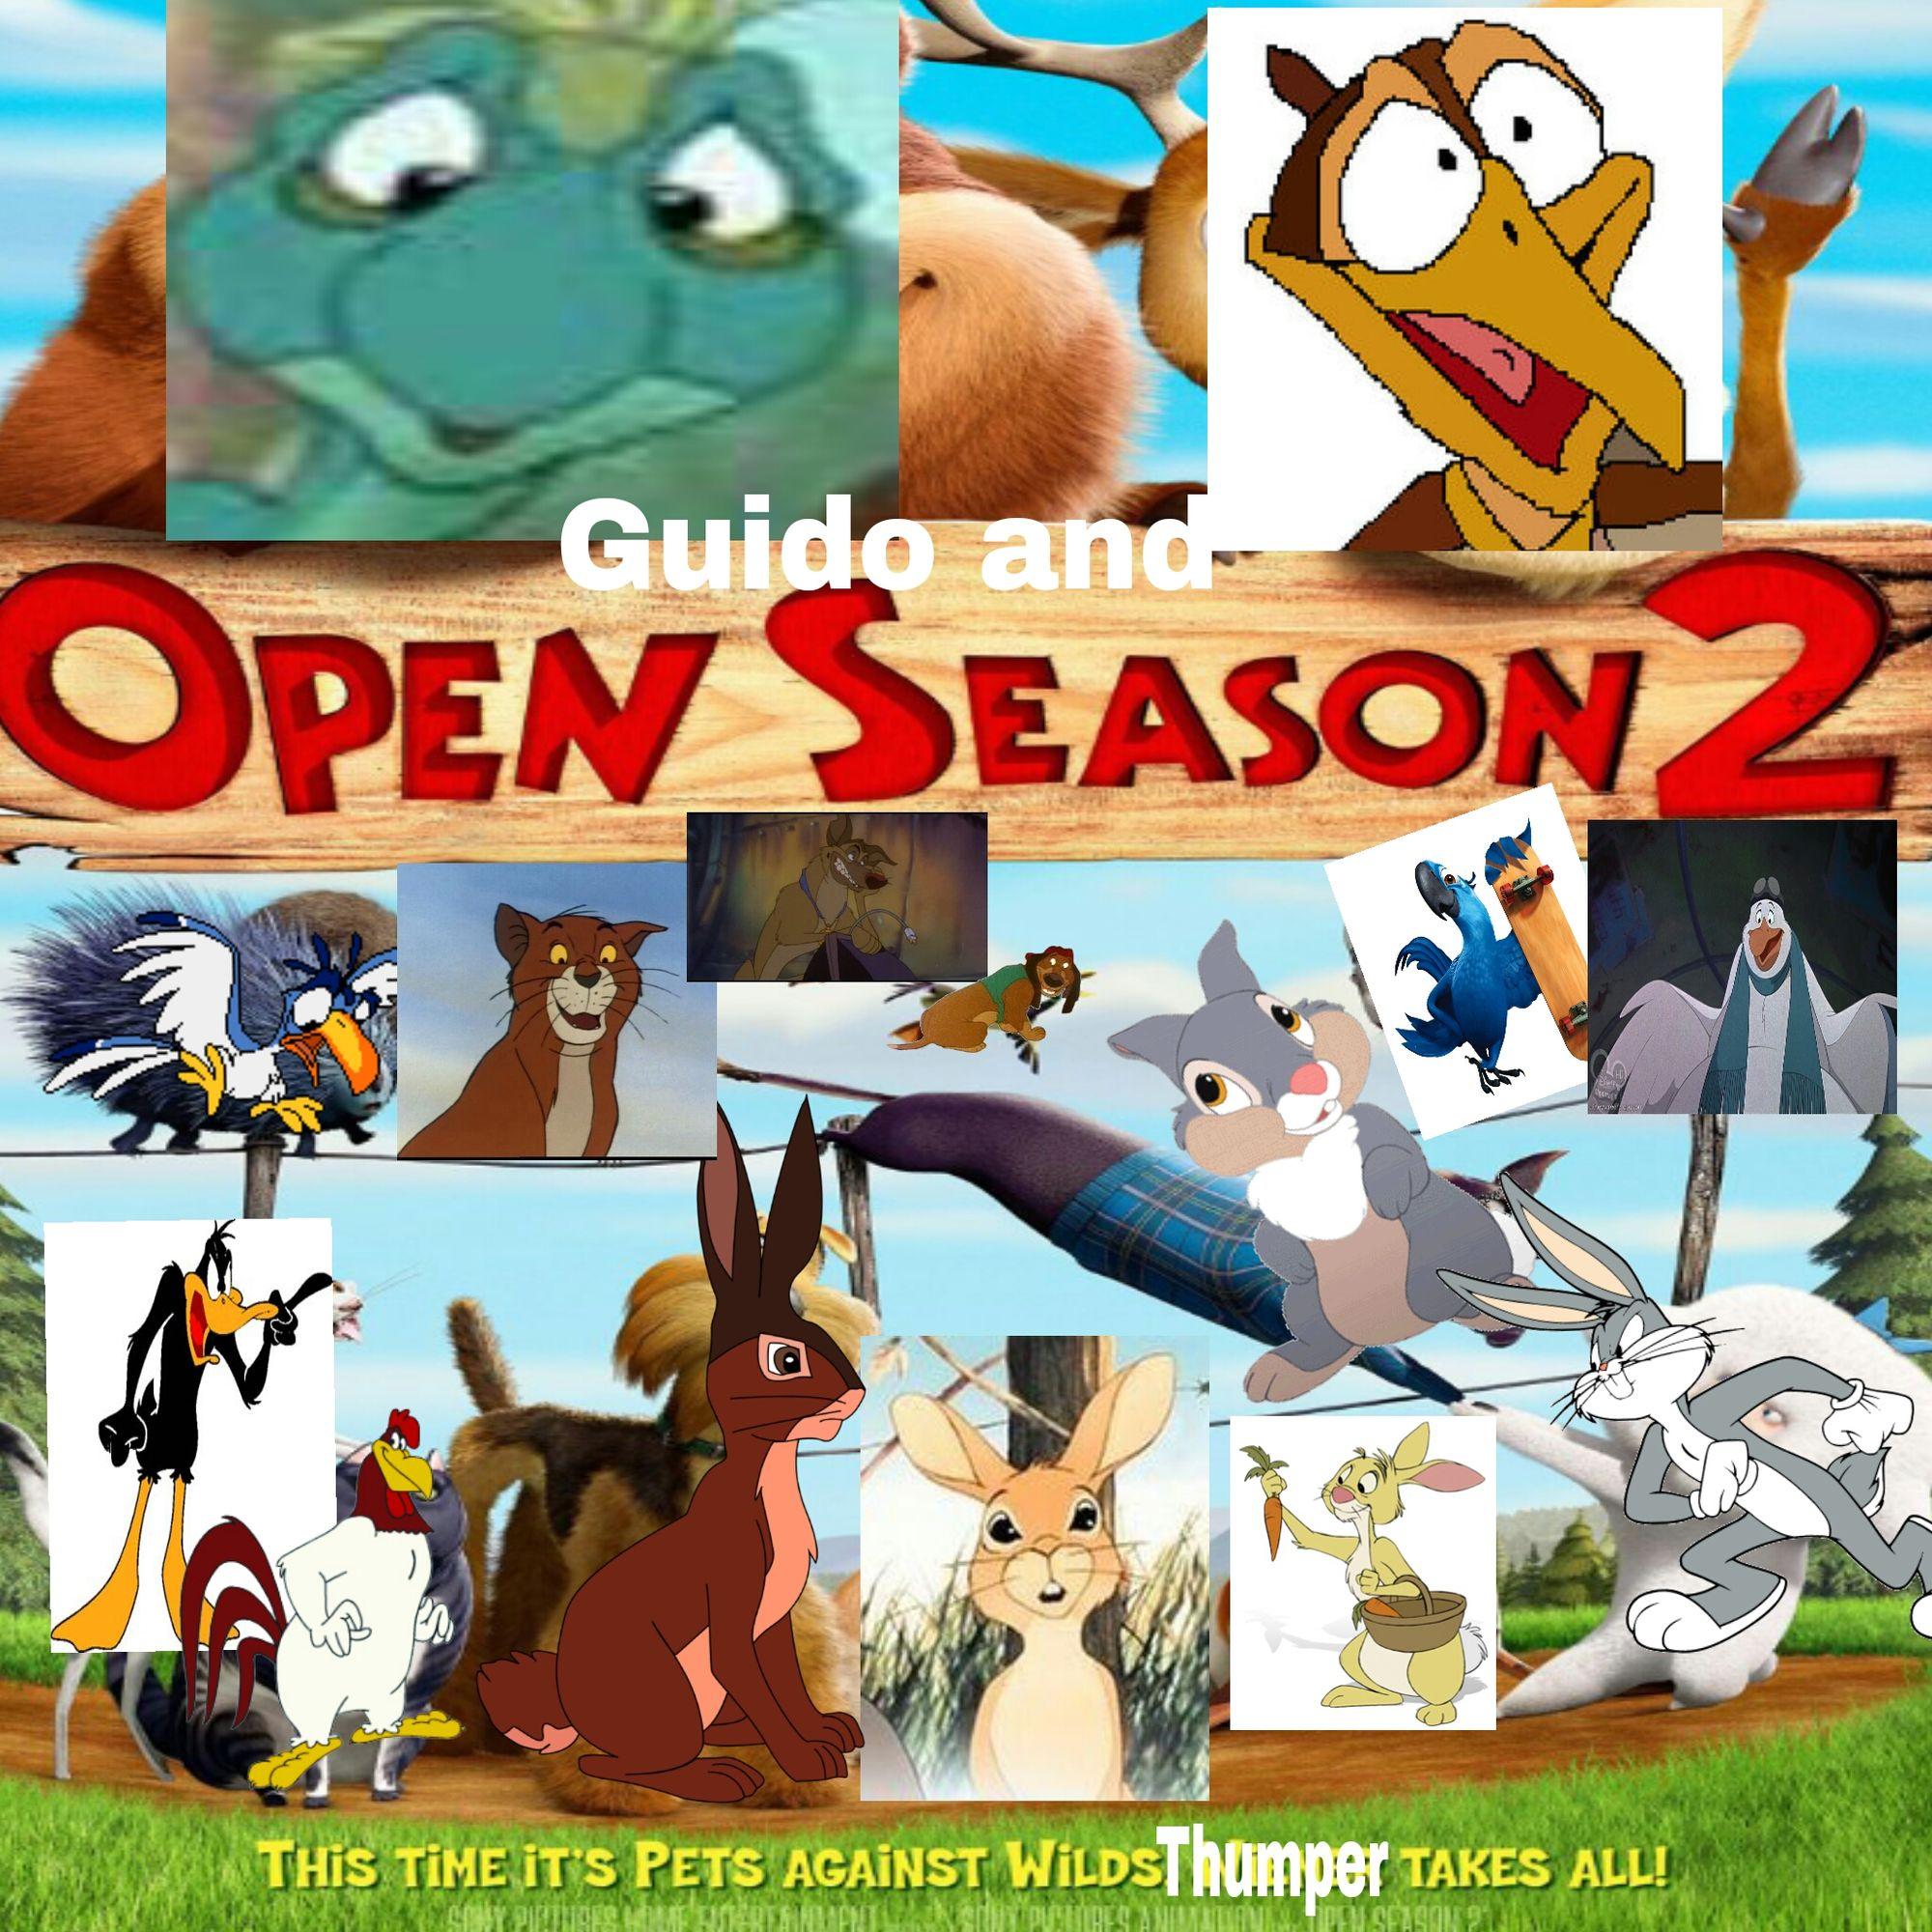 2000x2000 > Open Season 2 Wallpapers